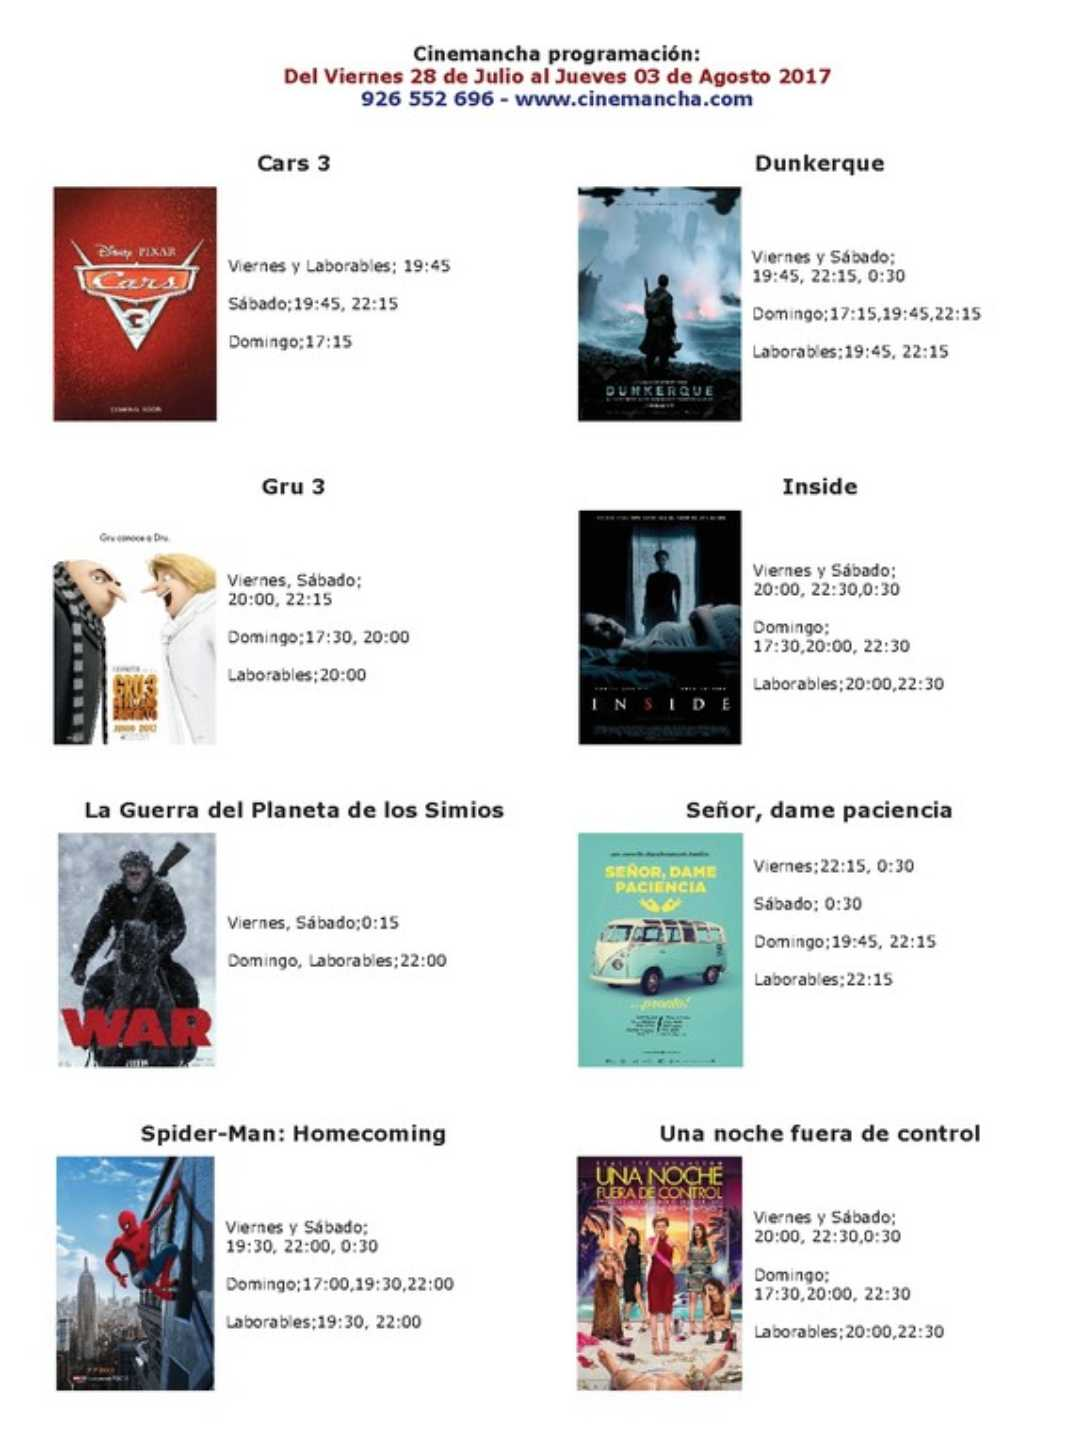 Cartelera Cinemancha del viernes 28 de julio al jueves 3 de agosto 2